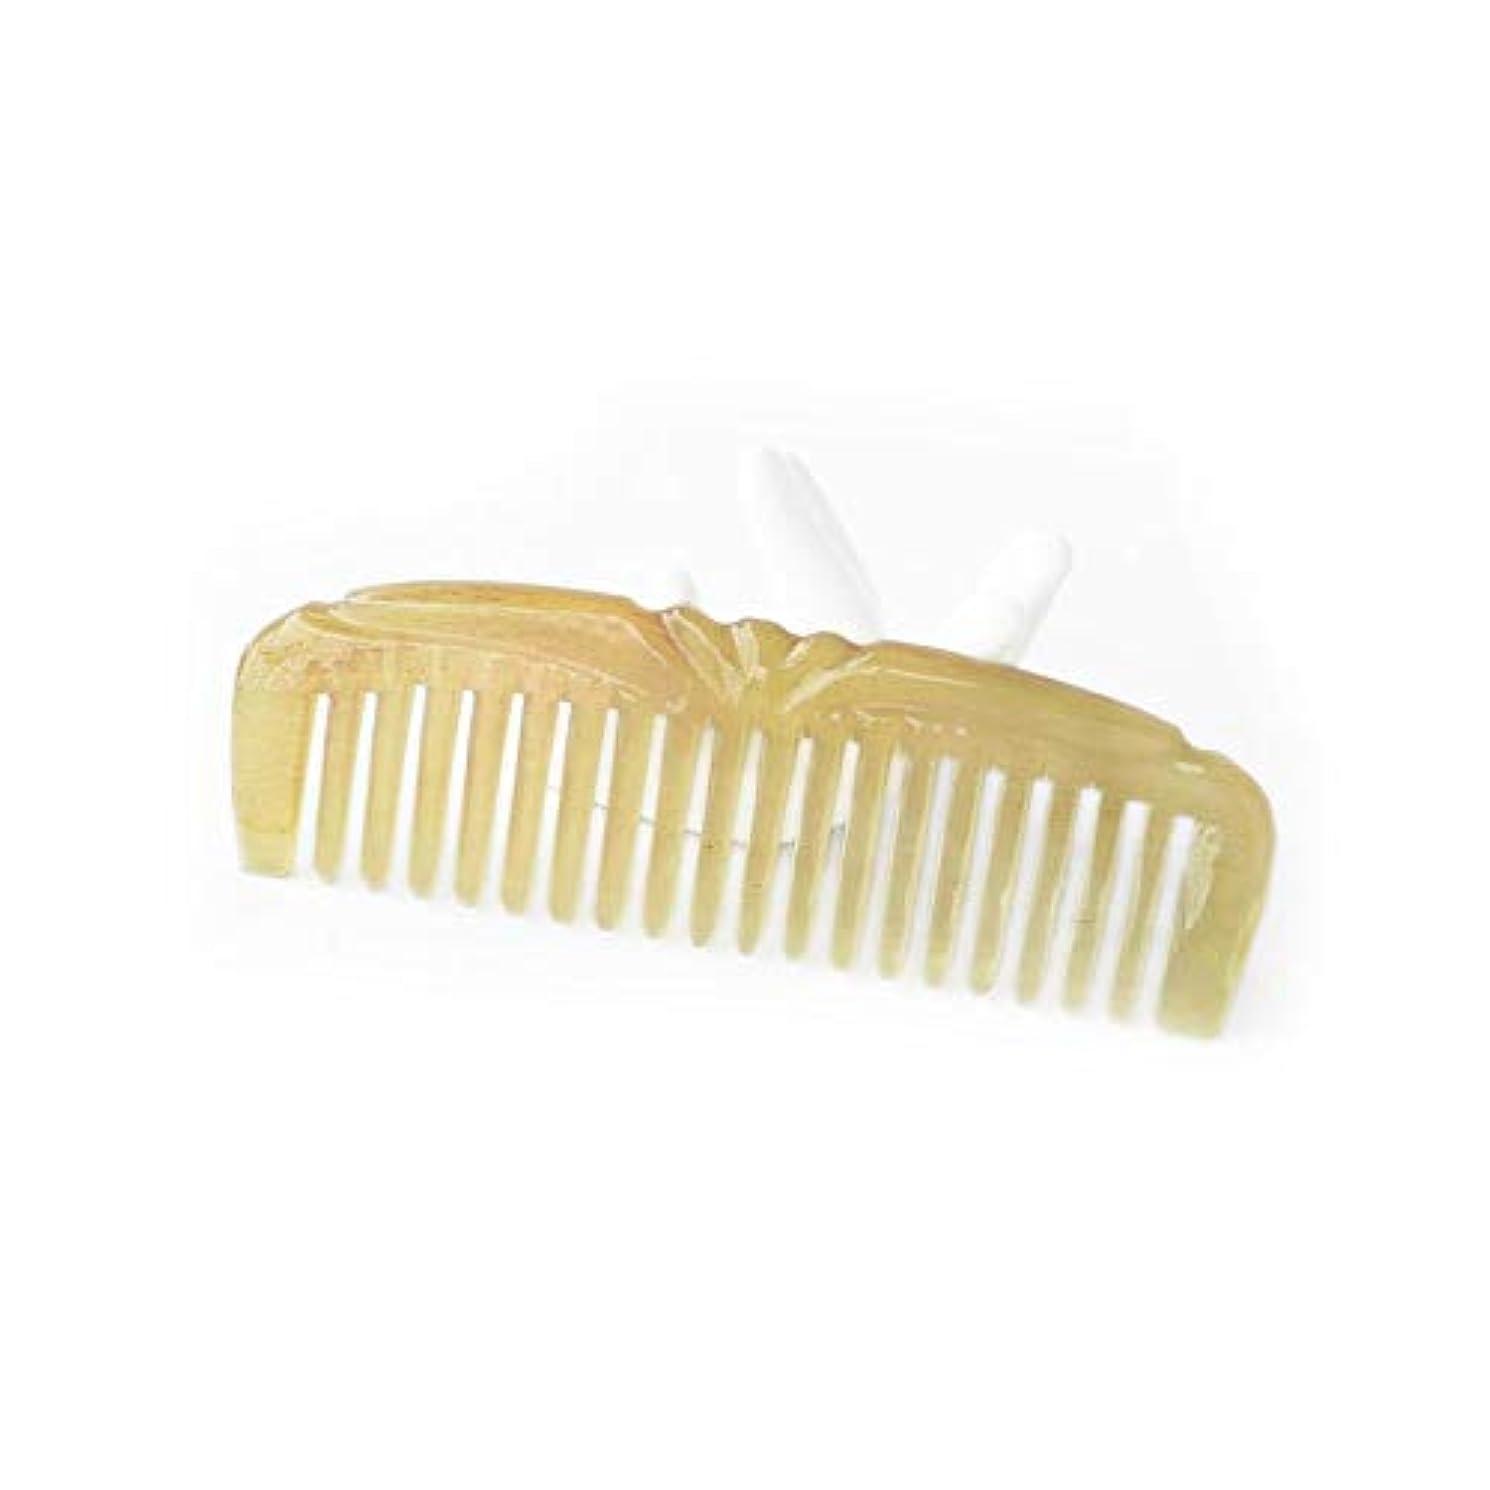 挨拶する研究判定Fashian手づくりナチュラルバッファローホーン櫛ムーンシェイプヘアブラシ(ワイド歯、歯ファイン) ヘアケア (色 : Fine tooth)